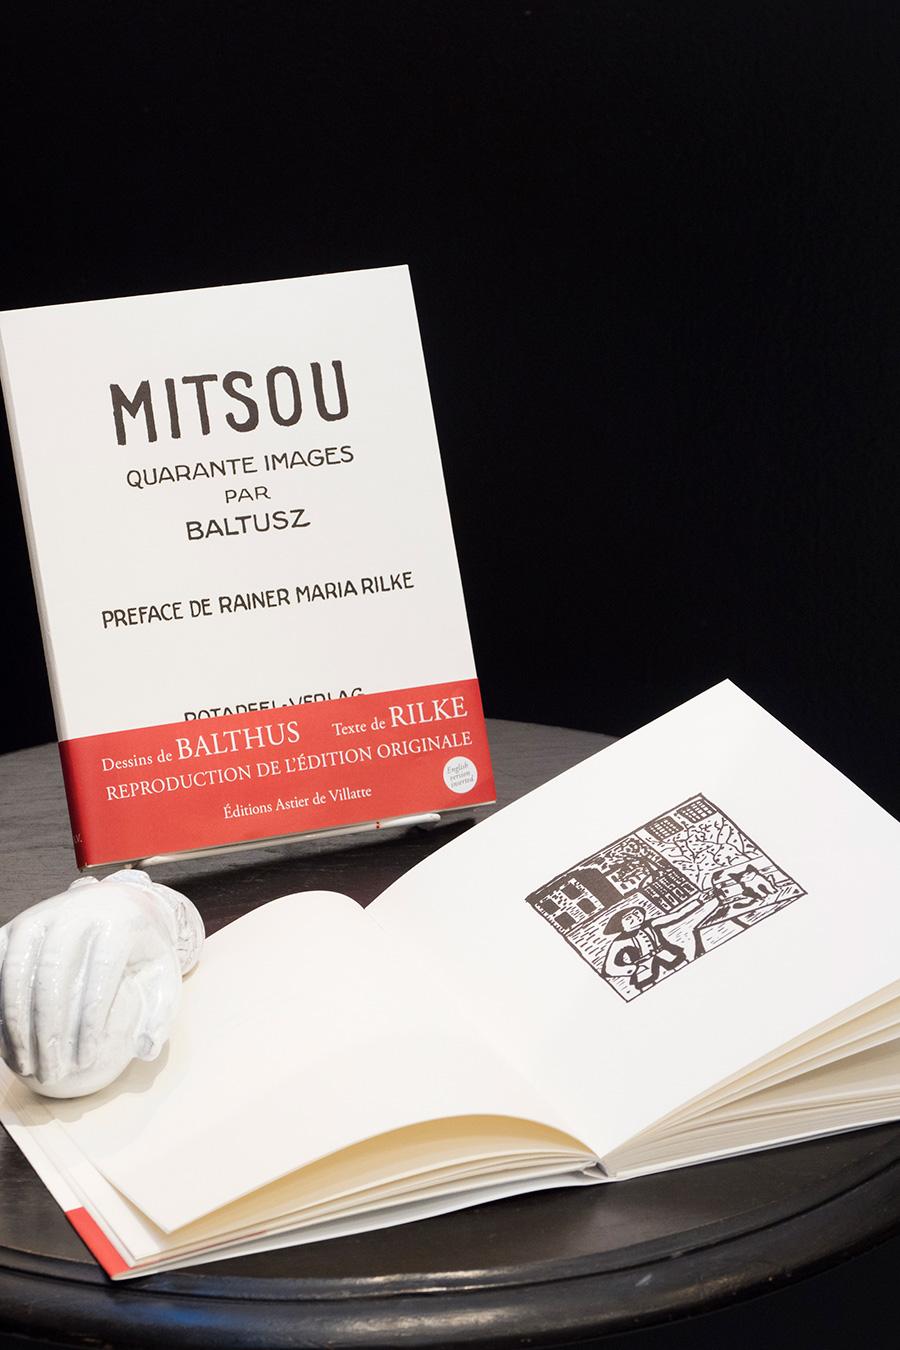 1921年に出版された「MITSOU」のオリジナルを、アスティエ・ド・ヴィラットが所有する活版工房で忠実に復刻。